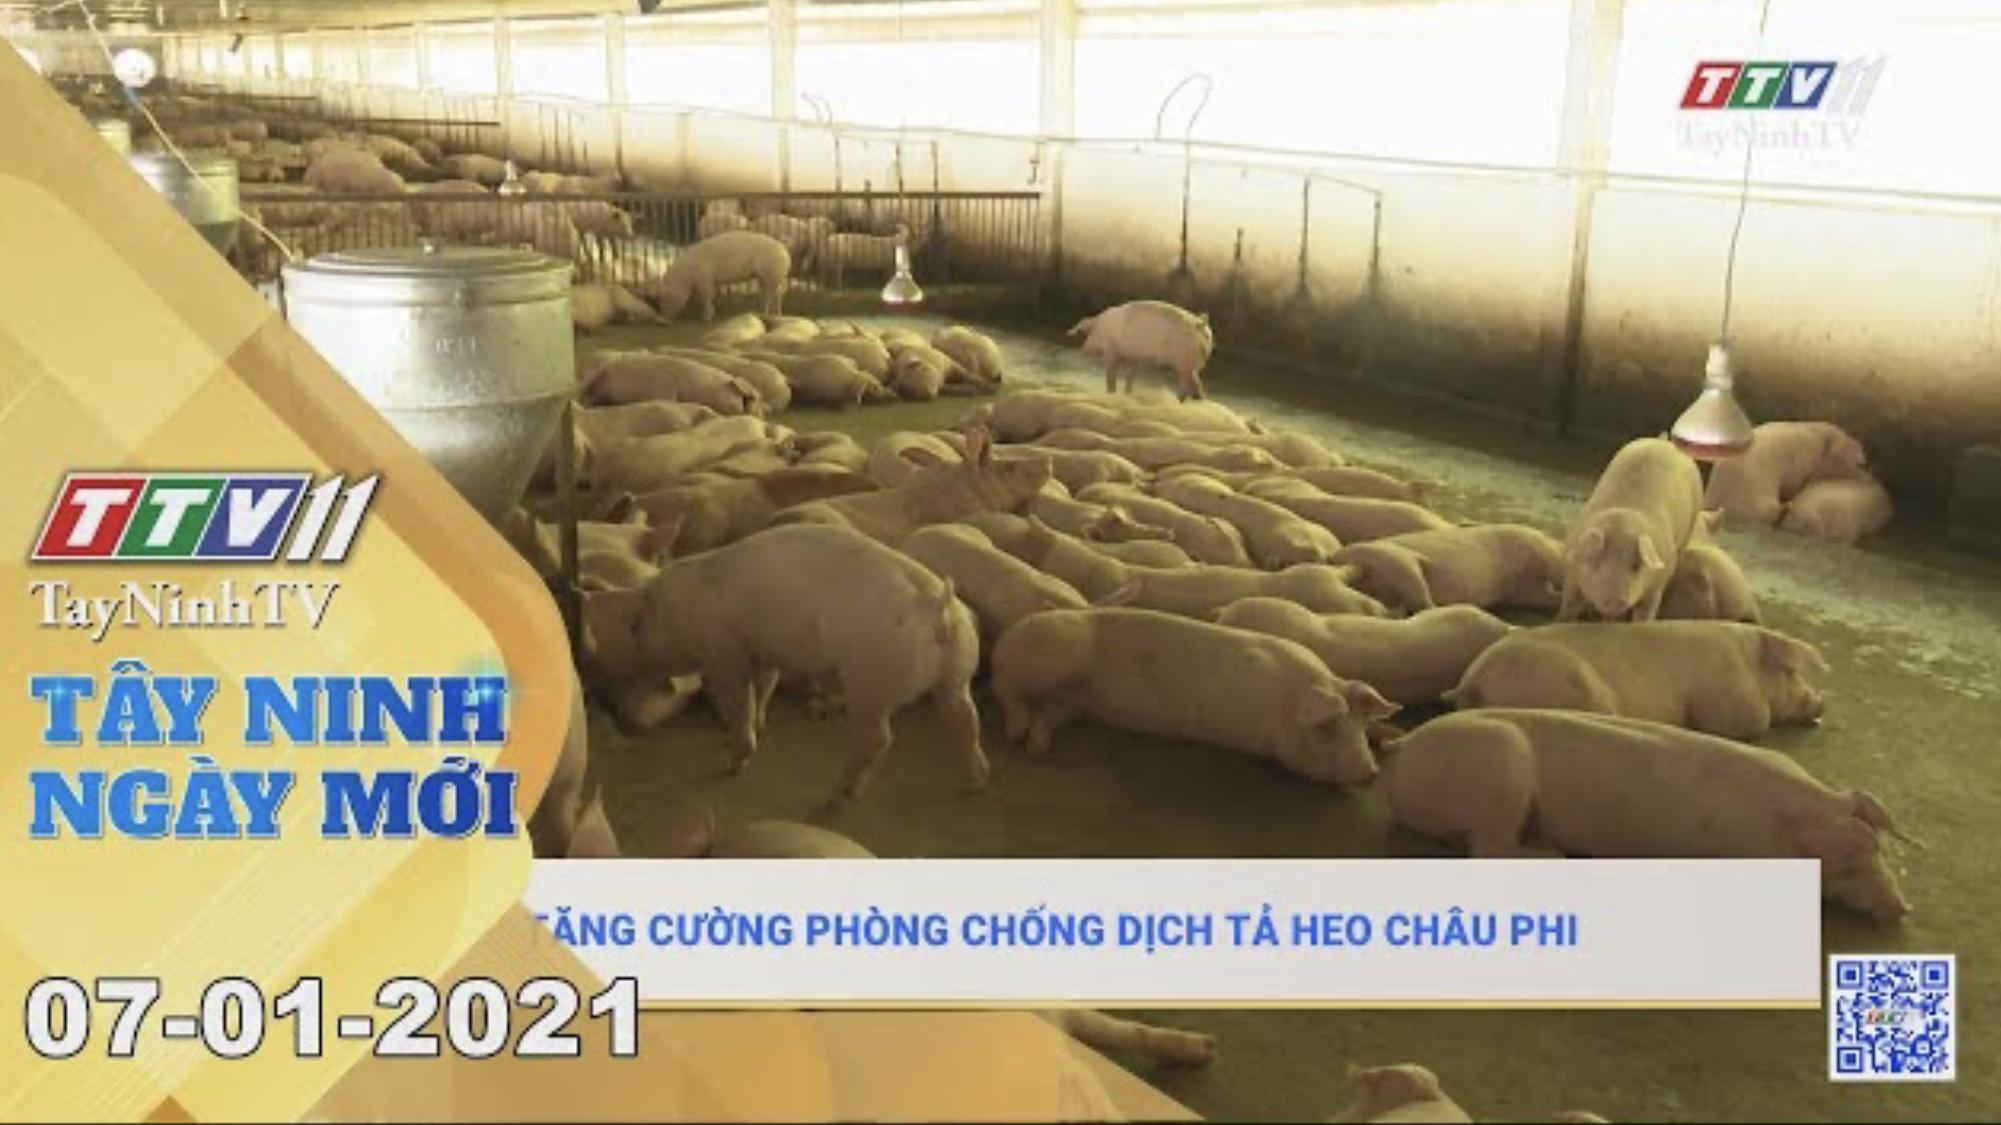 Tây Ninh Ngày Mới 07-01-2021 | Tin tức hôm nay | TayNinhTV